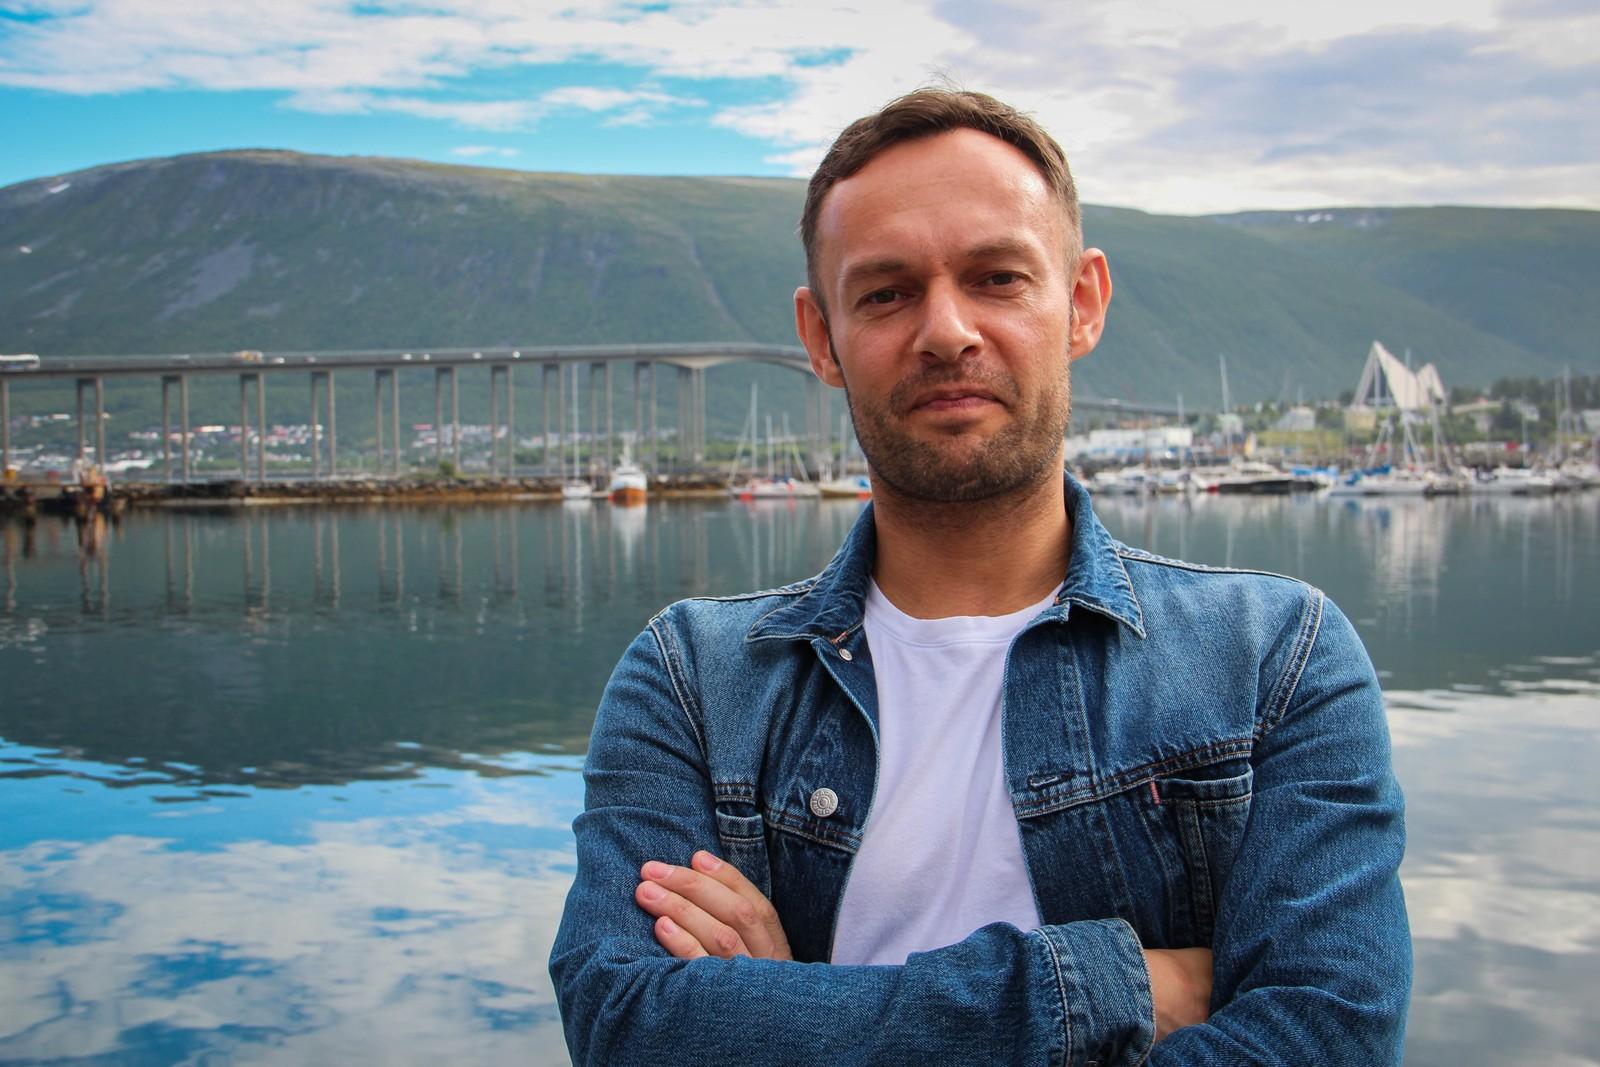 – Hvis nordlendingene mister tilgangen til havet, hvem er vi da? Det er slaget om havet vi skal ta i valgkampen, og vi skal vinne det, sier Torgeir.